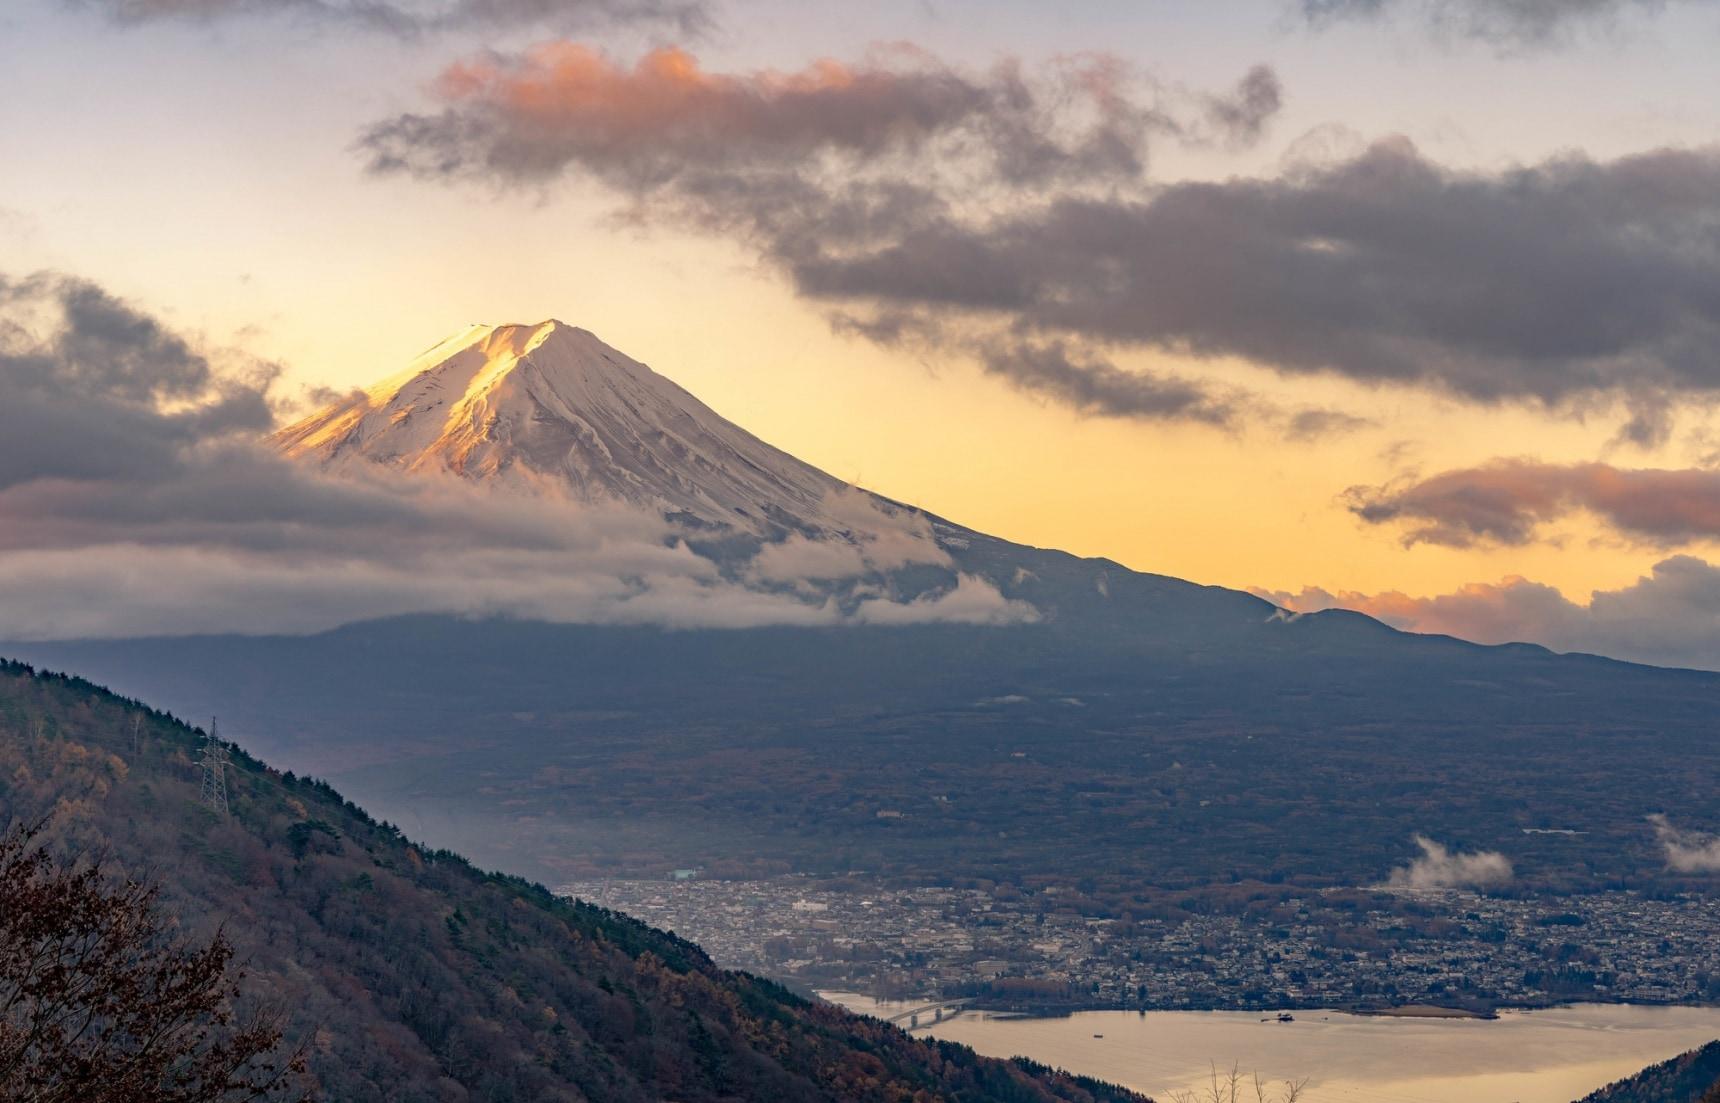 รวม 5 ที่เที่ยวใกล้โรงแรมรอบภูเขาฟูจิ (2019)